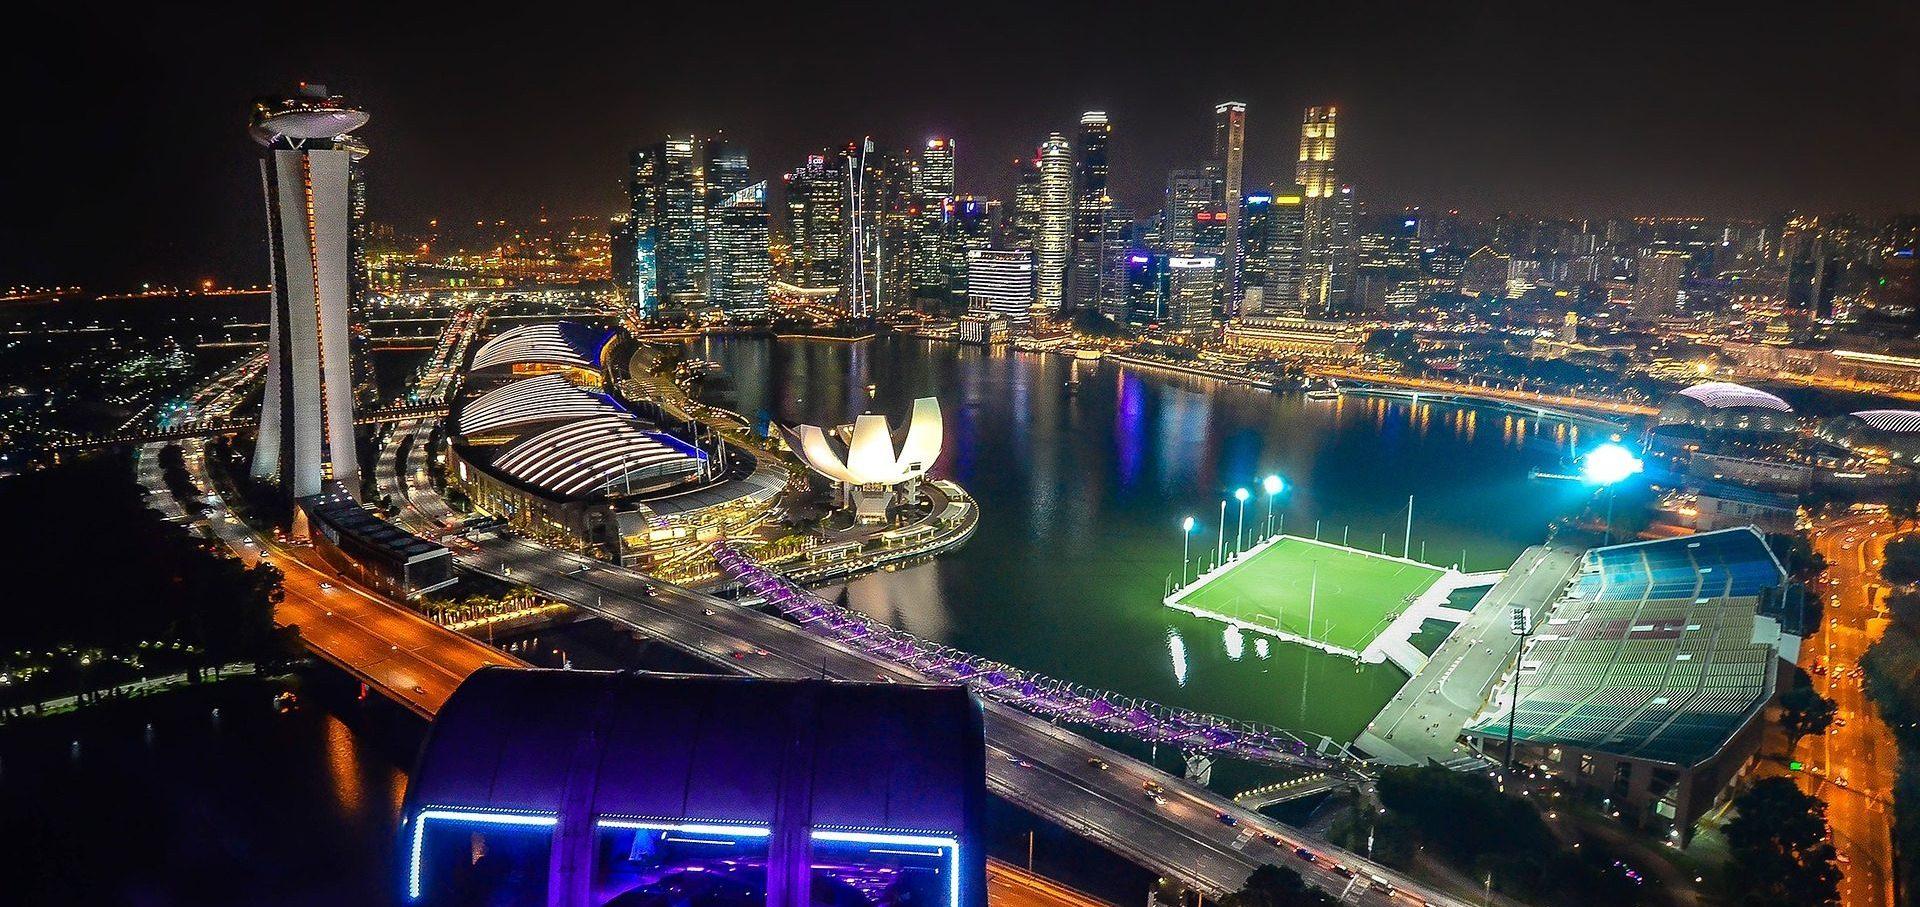 シンガポールの会社設立に必要な費用・書類・期間 | GEOという新しい進出形態とは?